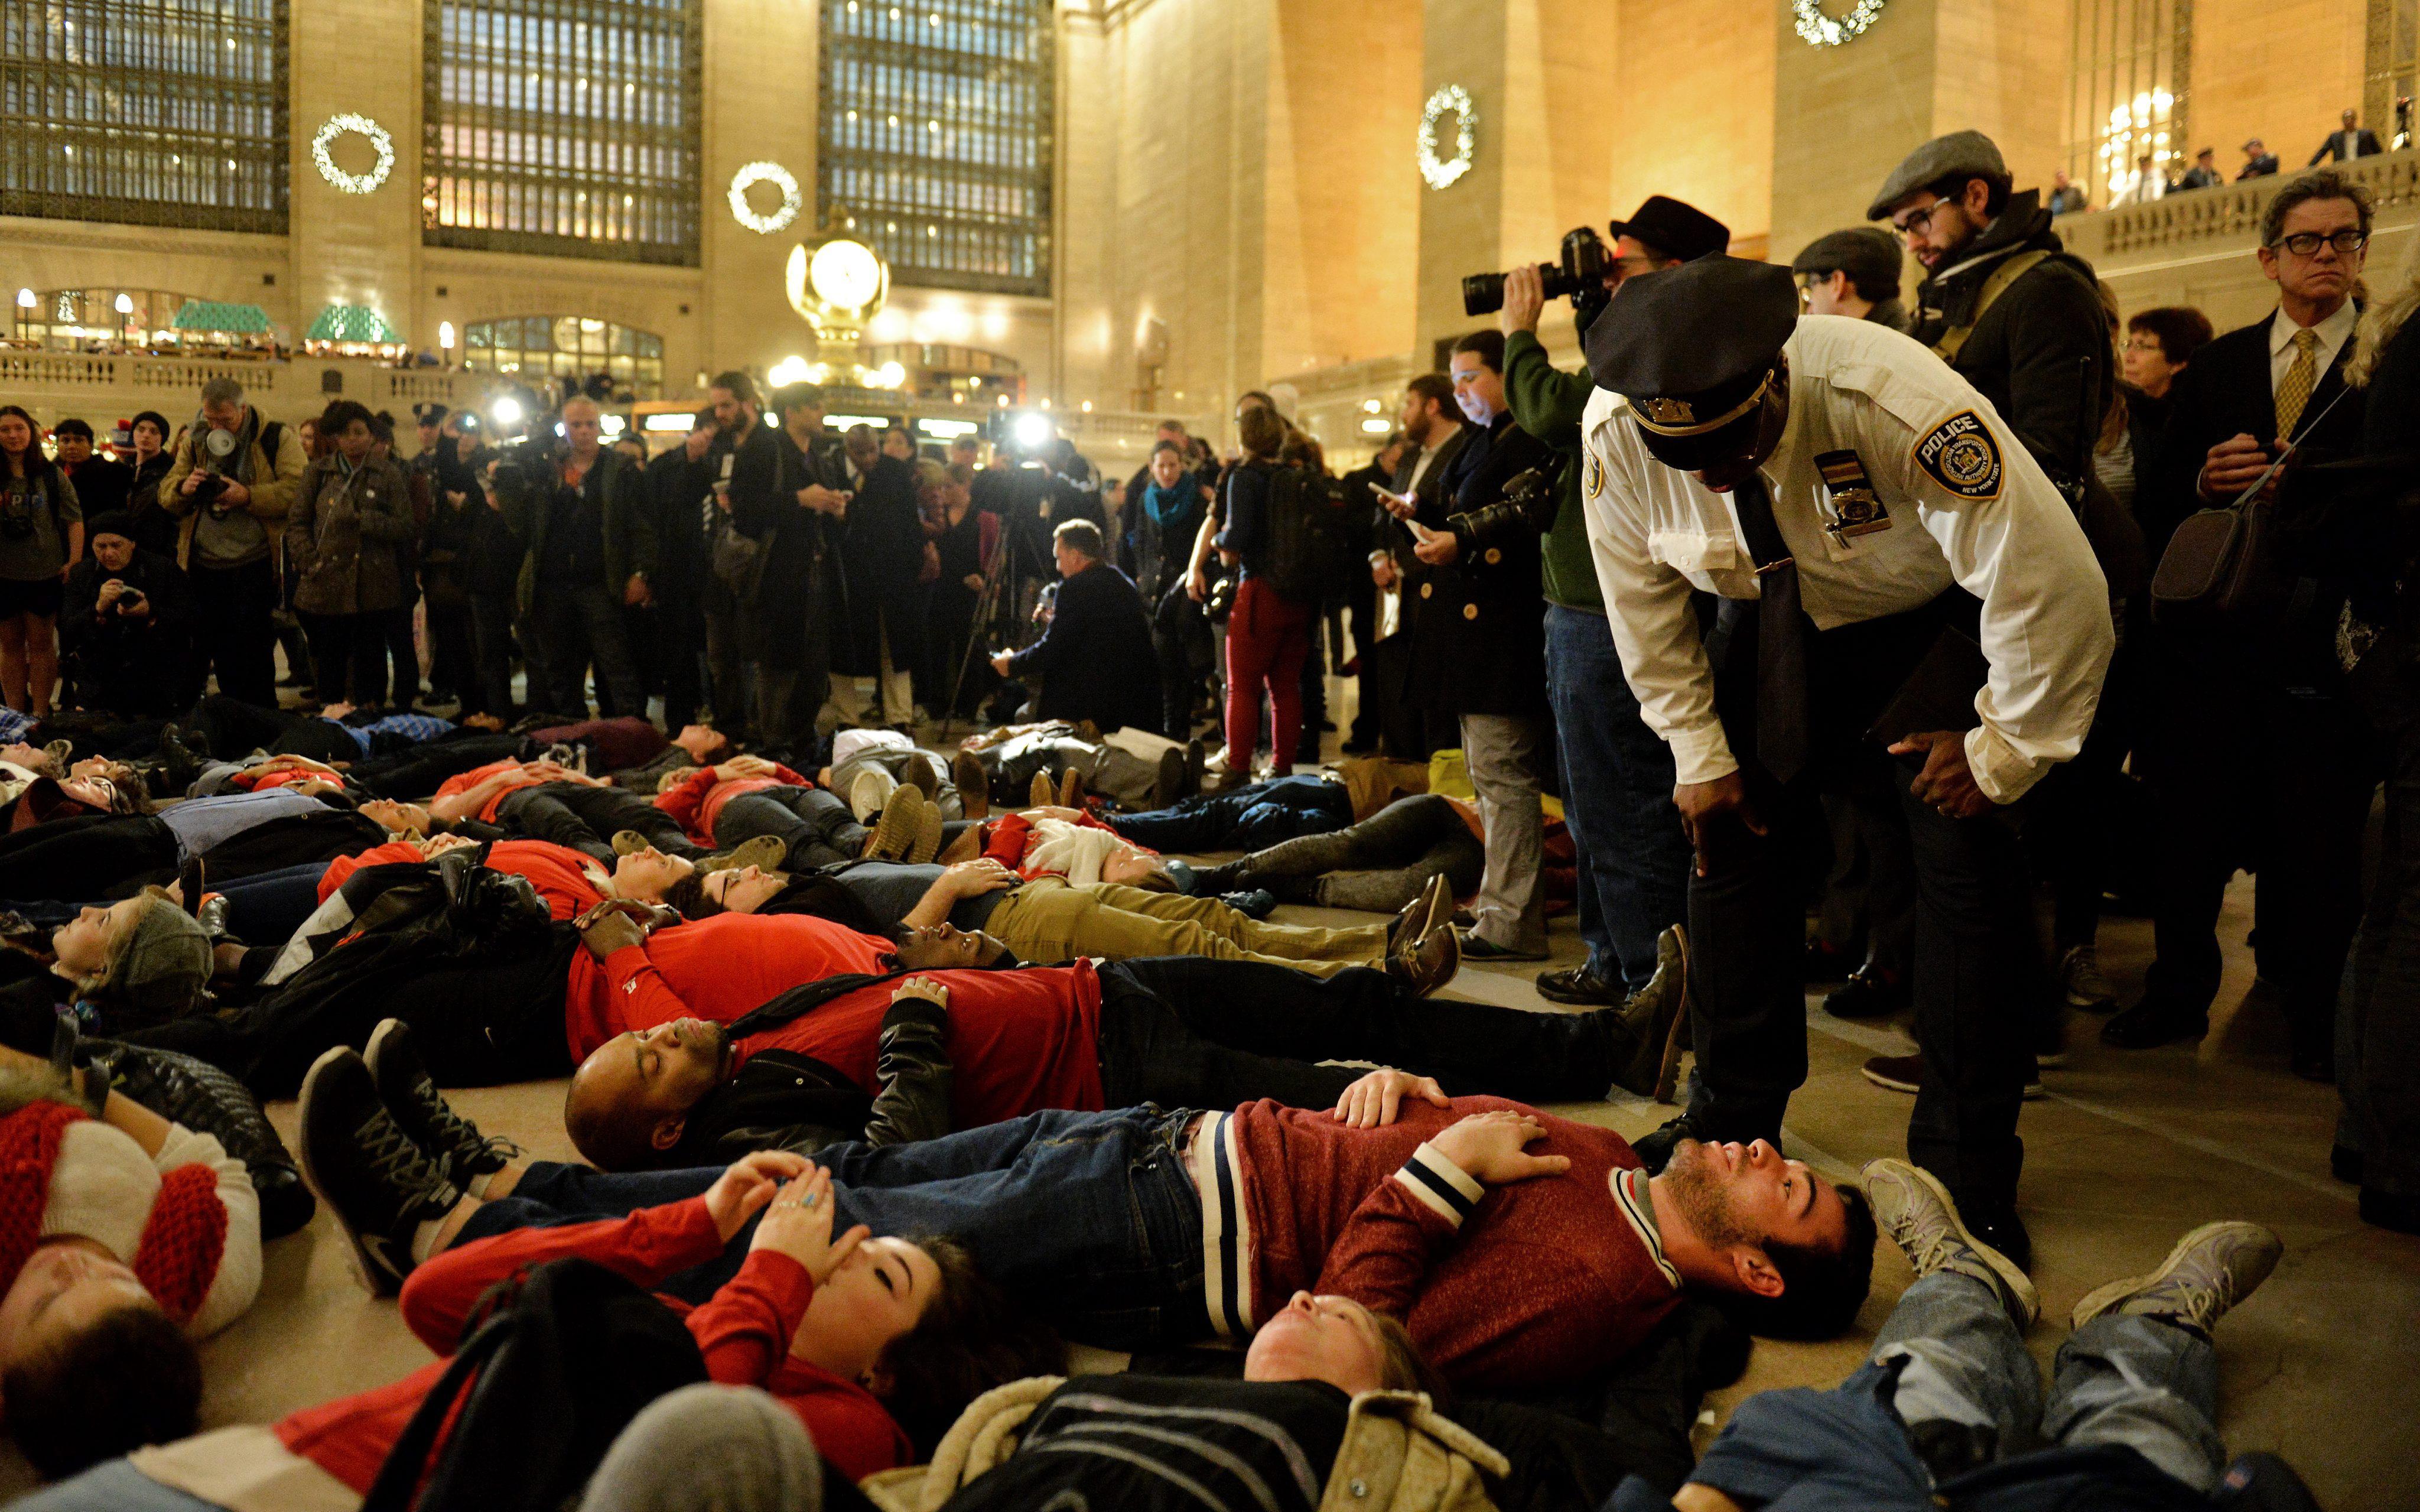 PROTESTA POR DECISIÓN DE GRAN JURADO EN NY